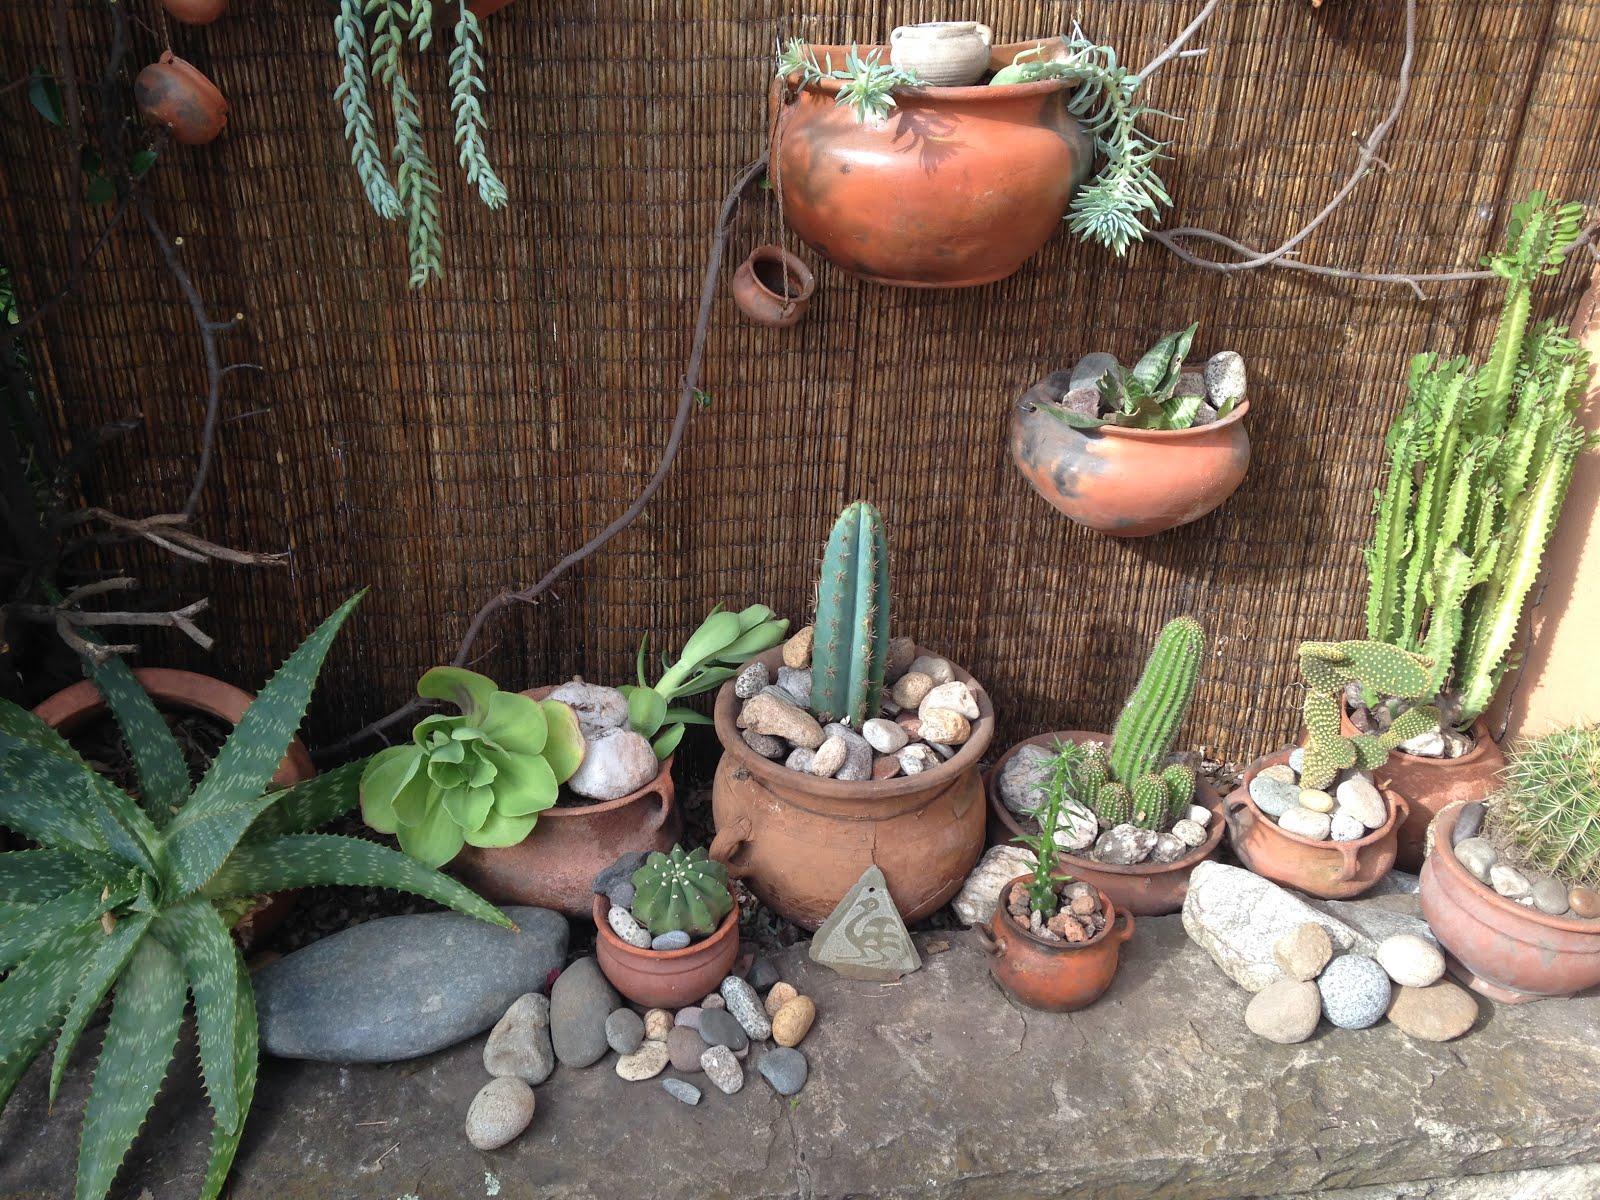 unas piedras cacharros macetas de barro cactus y suculentas y as qued terminado